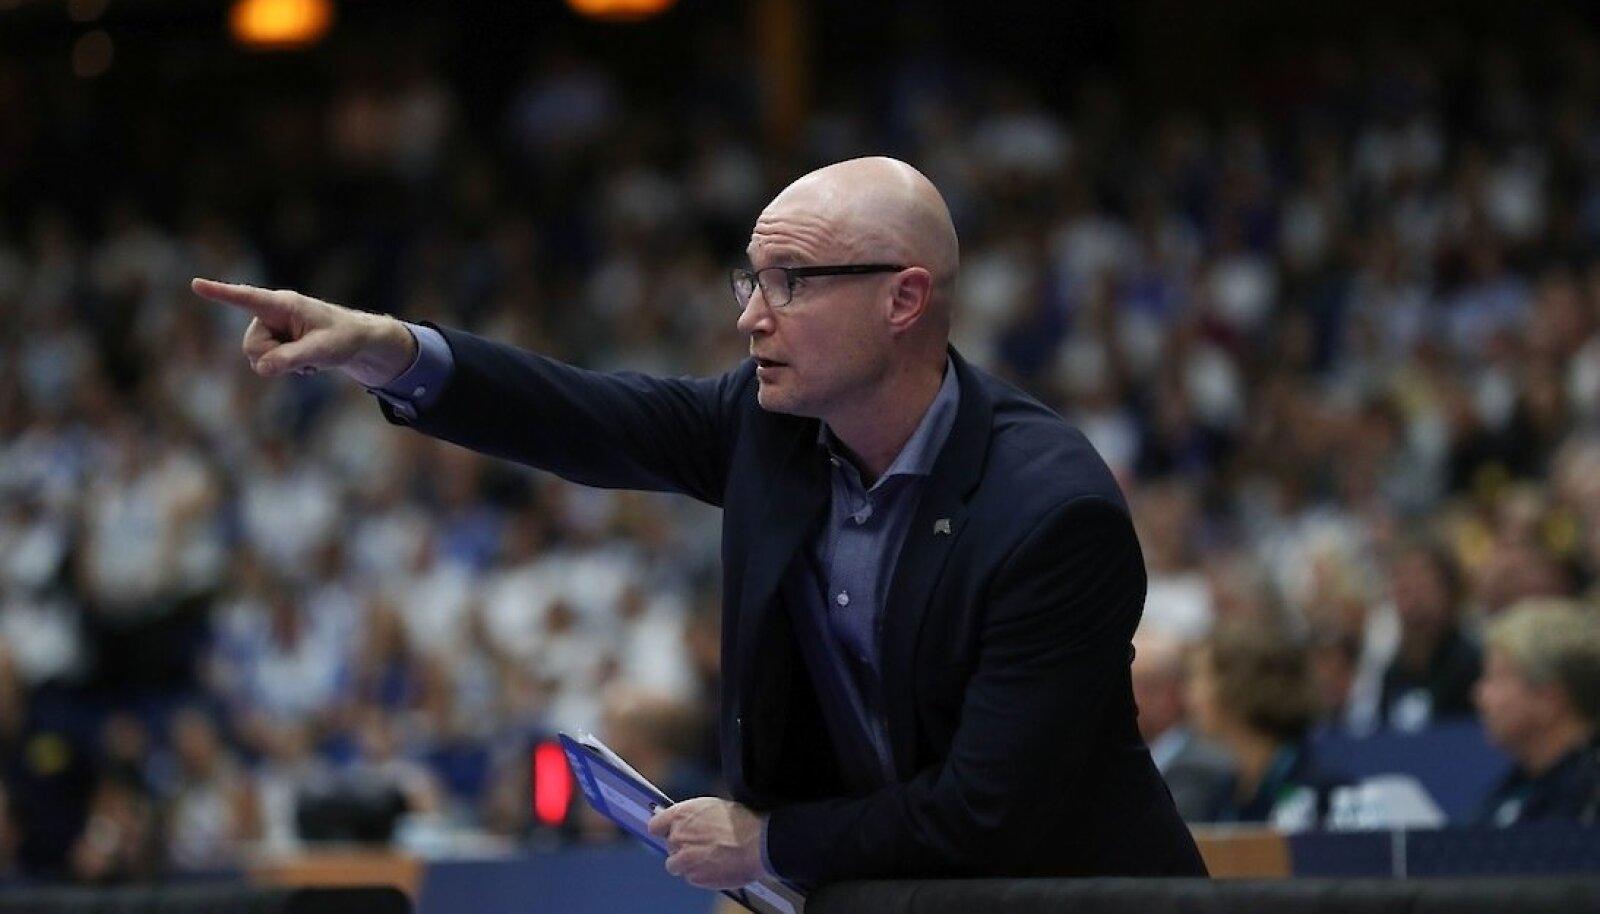 Jukka Toijala võtab Tiit Sokult üle Eesti korvpallikoondise juhendamise.